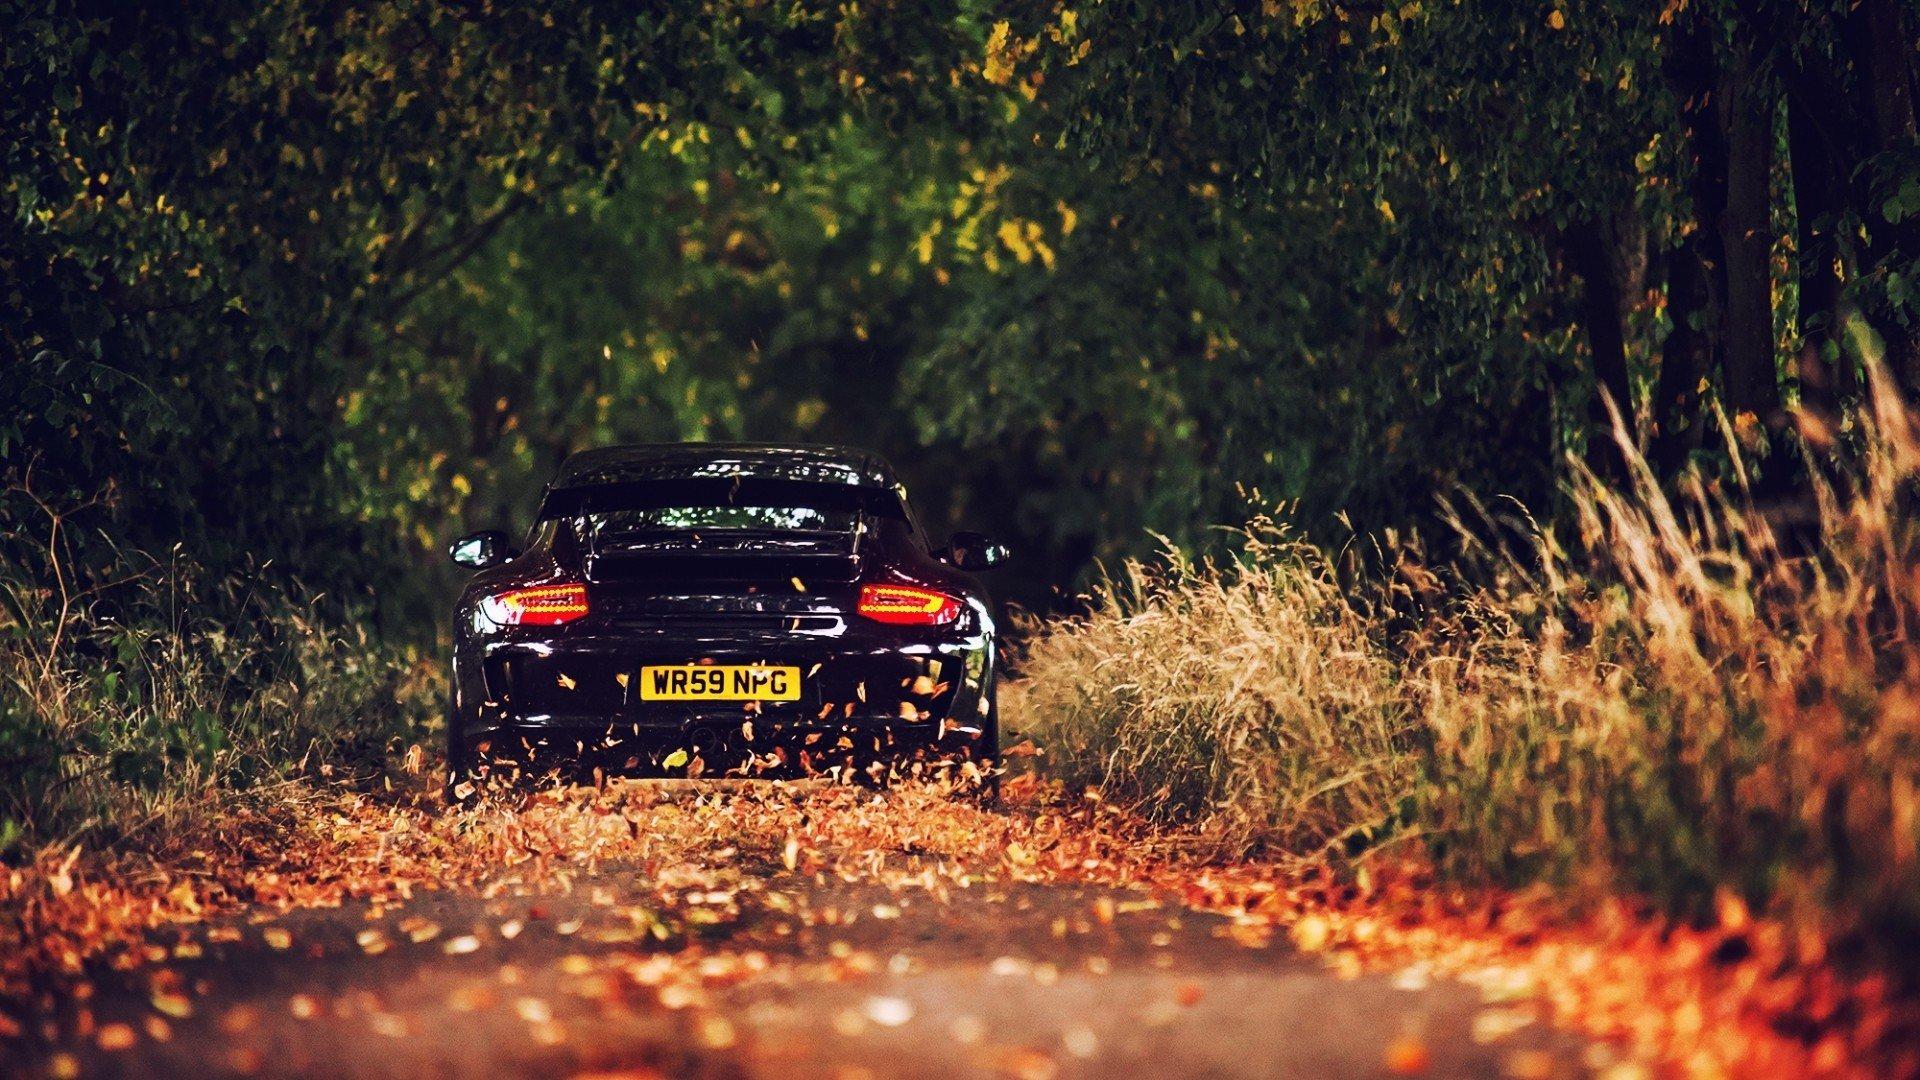 Porsche 911 Car Hd Wallpaper 1920x1080 1338